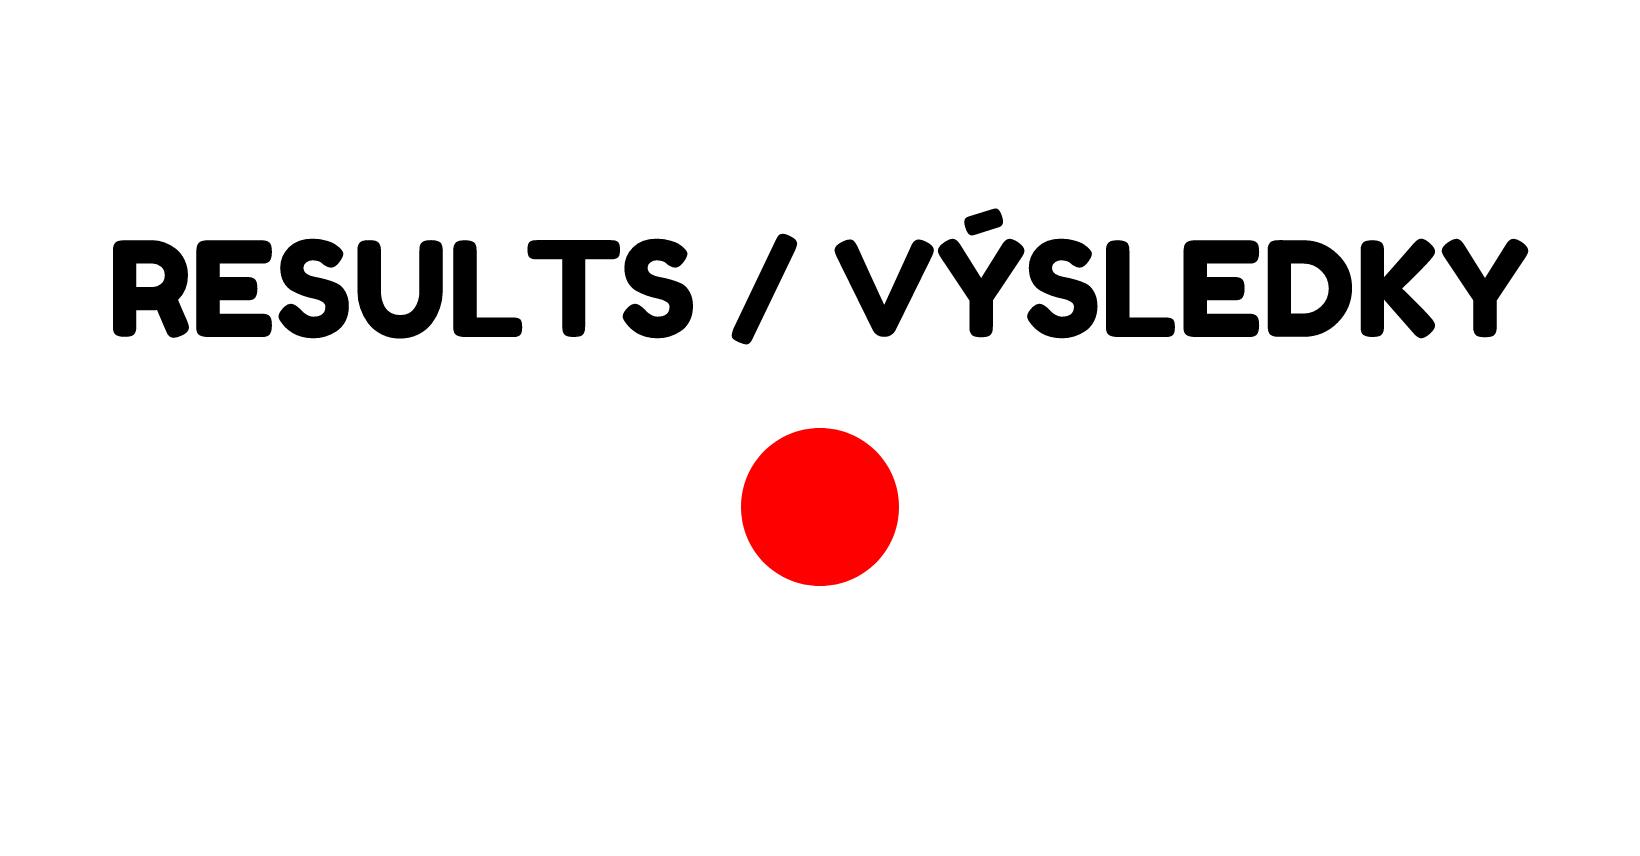 LIVE VÝSLEDKY / LIVE RESULTS